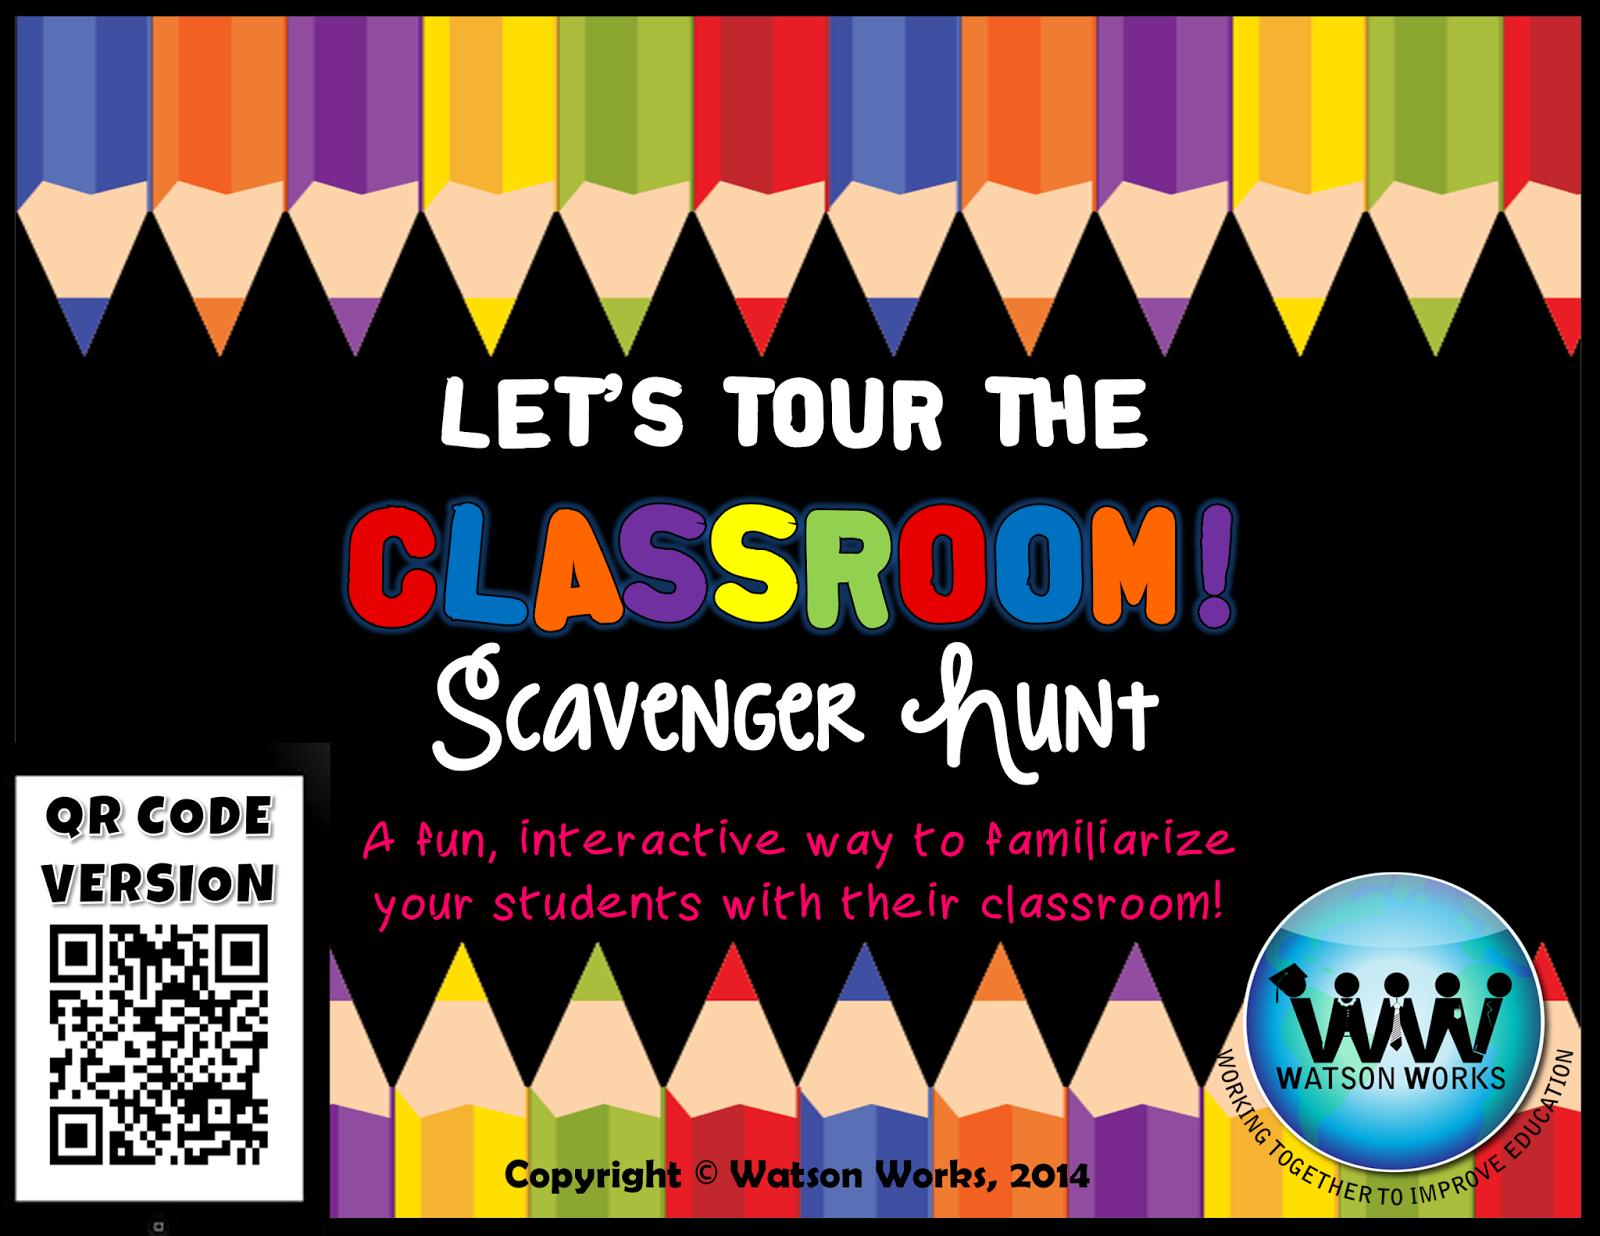 http://www.teacherspayteachers.com/Product/Lets-Tour-the-Classroom-Scavenger-Hunt-A-Back-to-School-Activity-w-QR-Codes-1352848